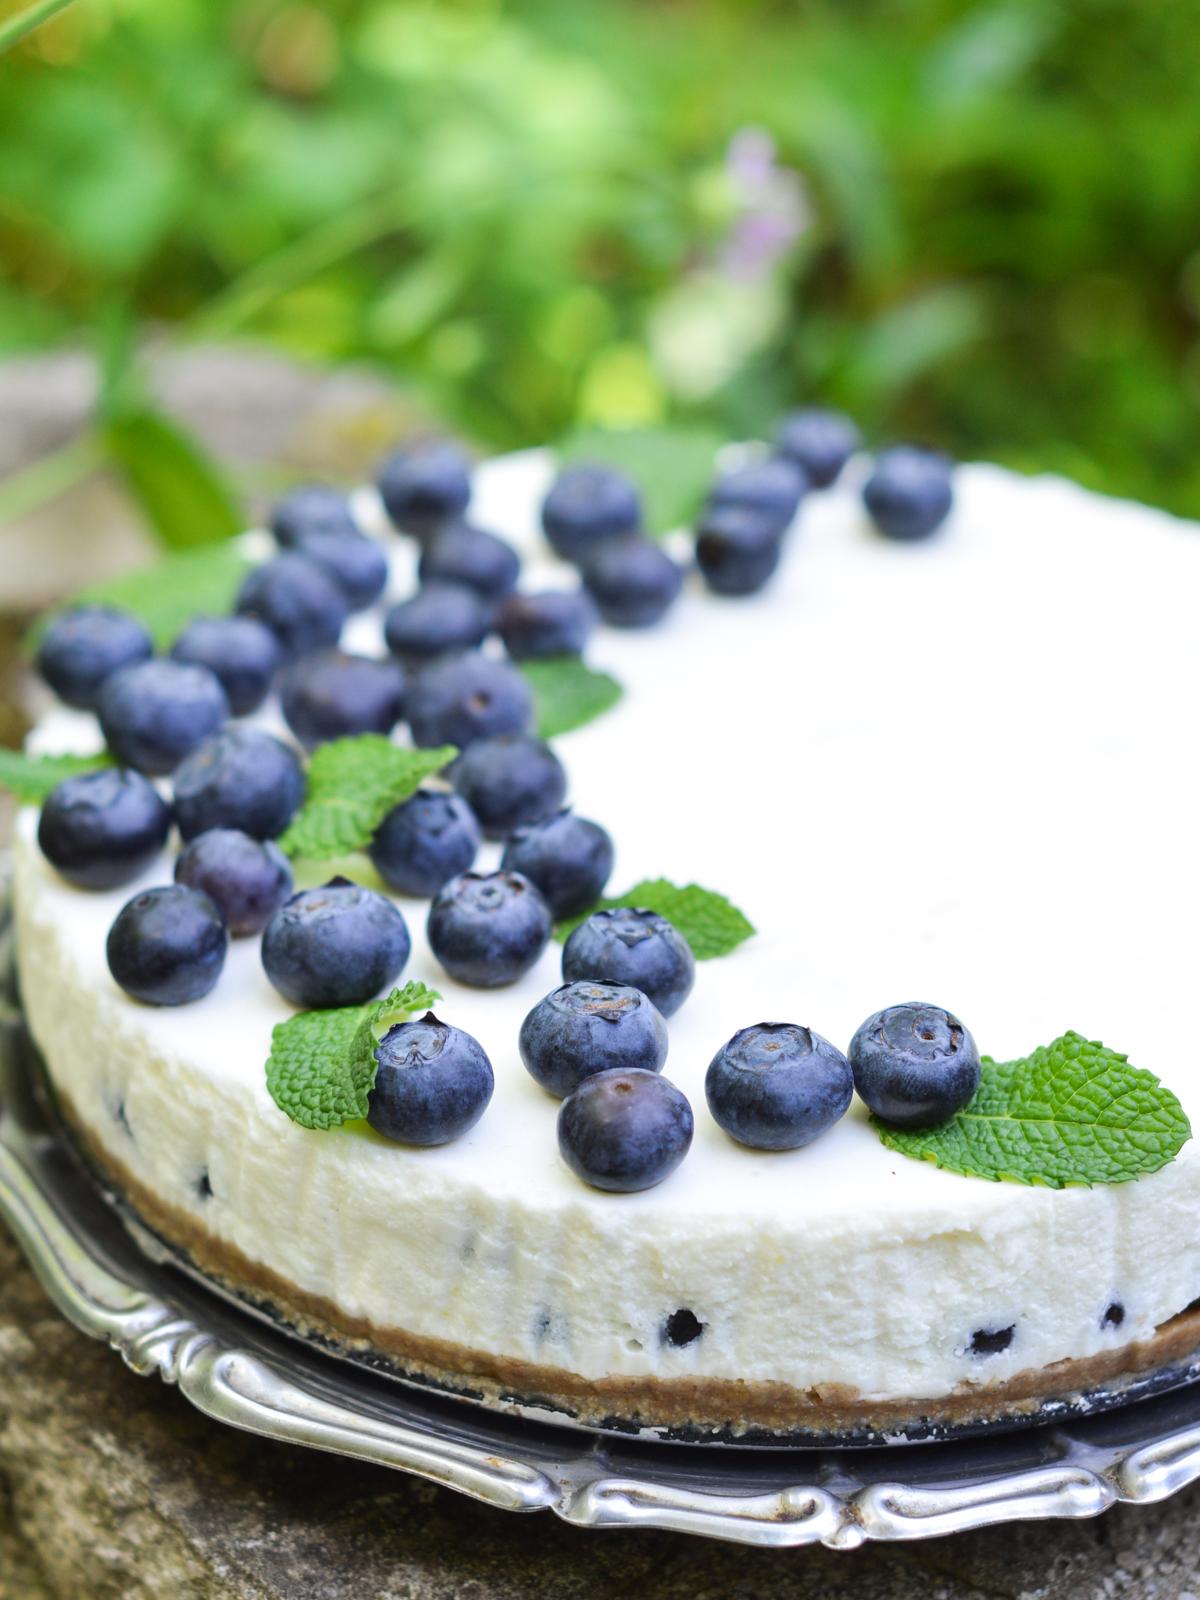 torta od jogurta s borovnicama (7)